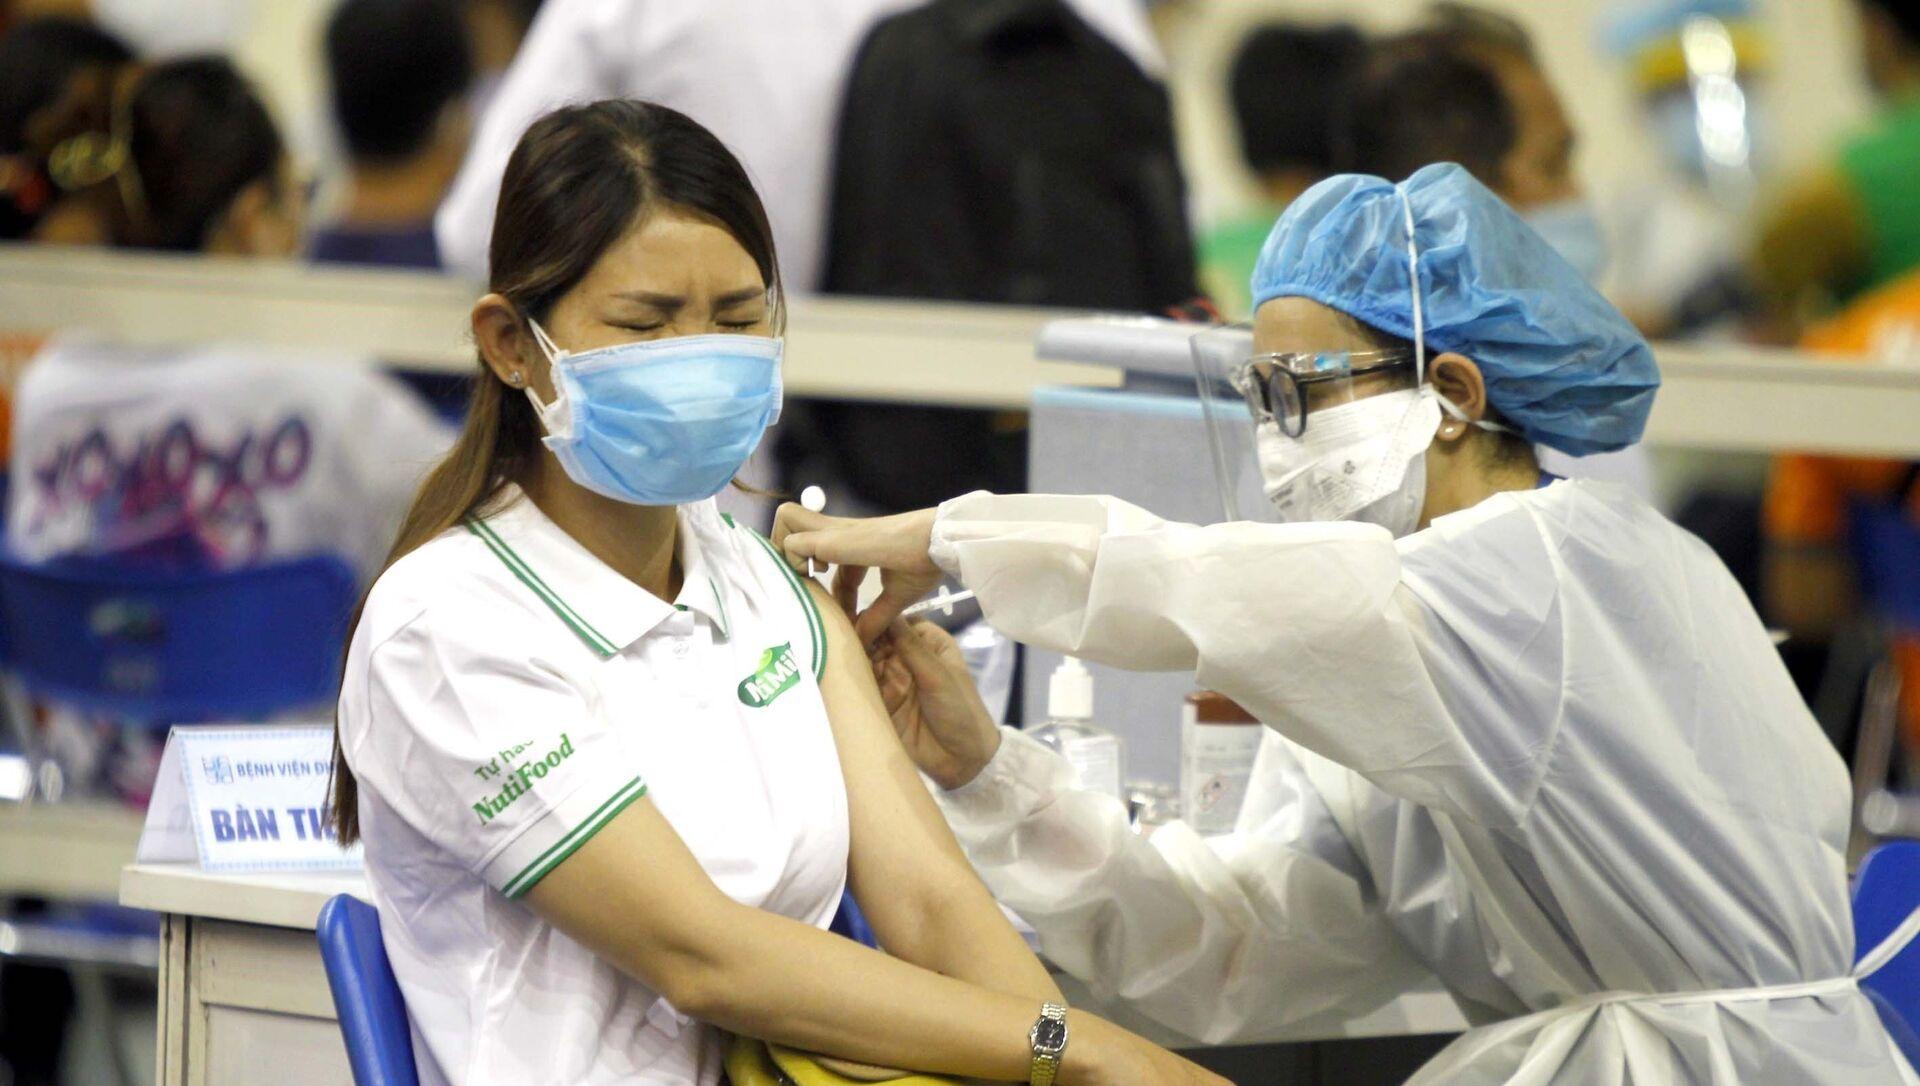 Người lao động Thành phố Hồ Chí Minh được tiêm vaccine phòng COVID-19.  - Sputnik Việt Nam, 1920, 24.06.2021